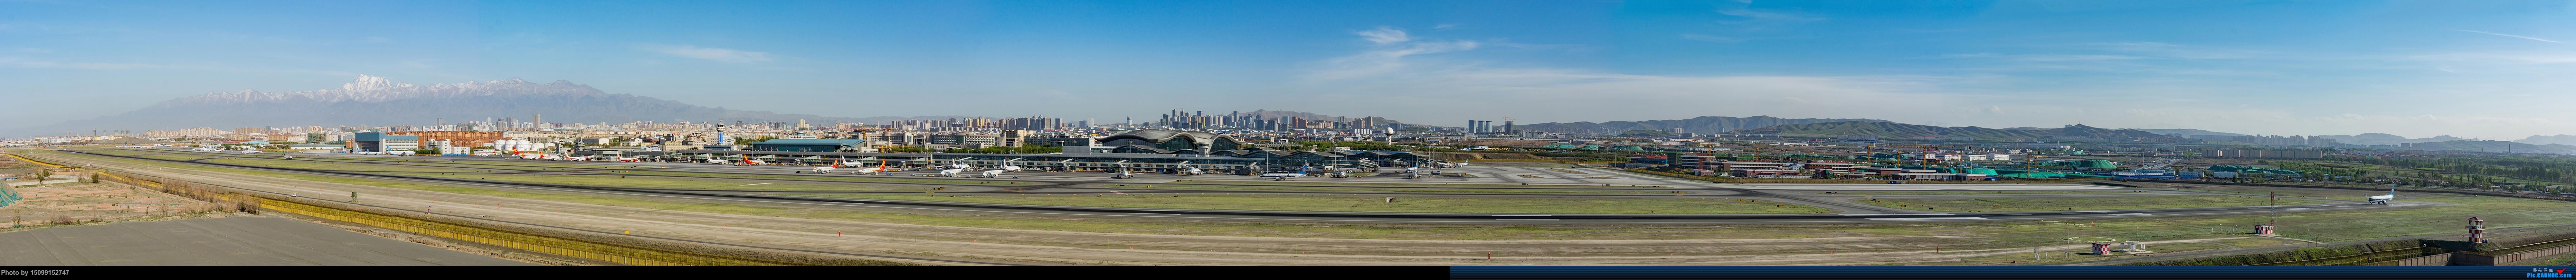 [原创]新疆乌鲁木齐地窝堡国际机场    中国乌鲁木齐地窝堡国际机场